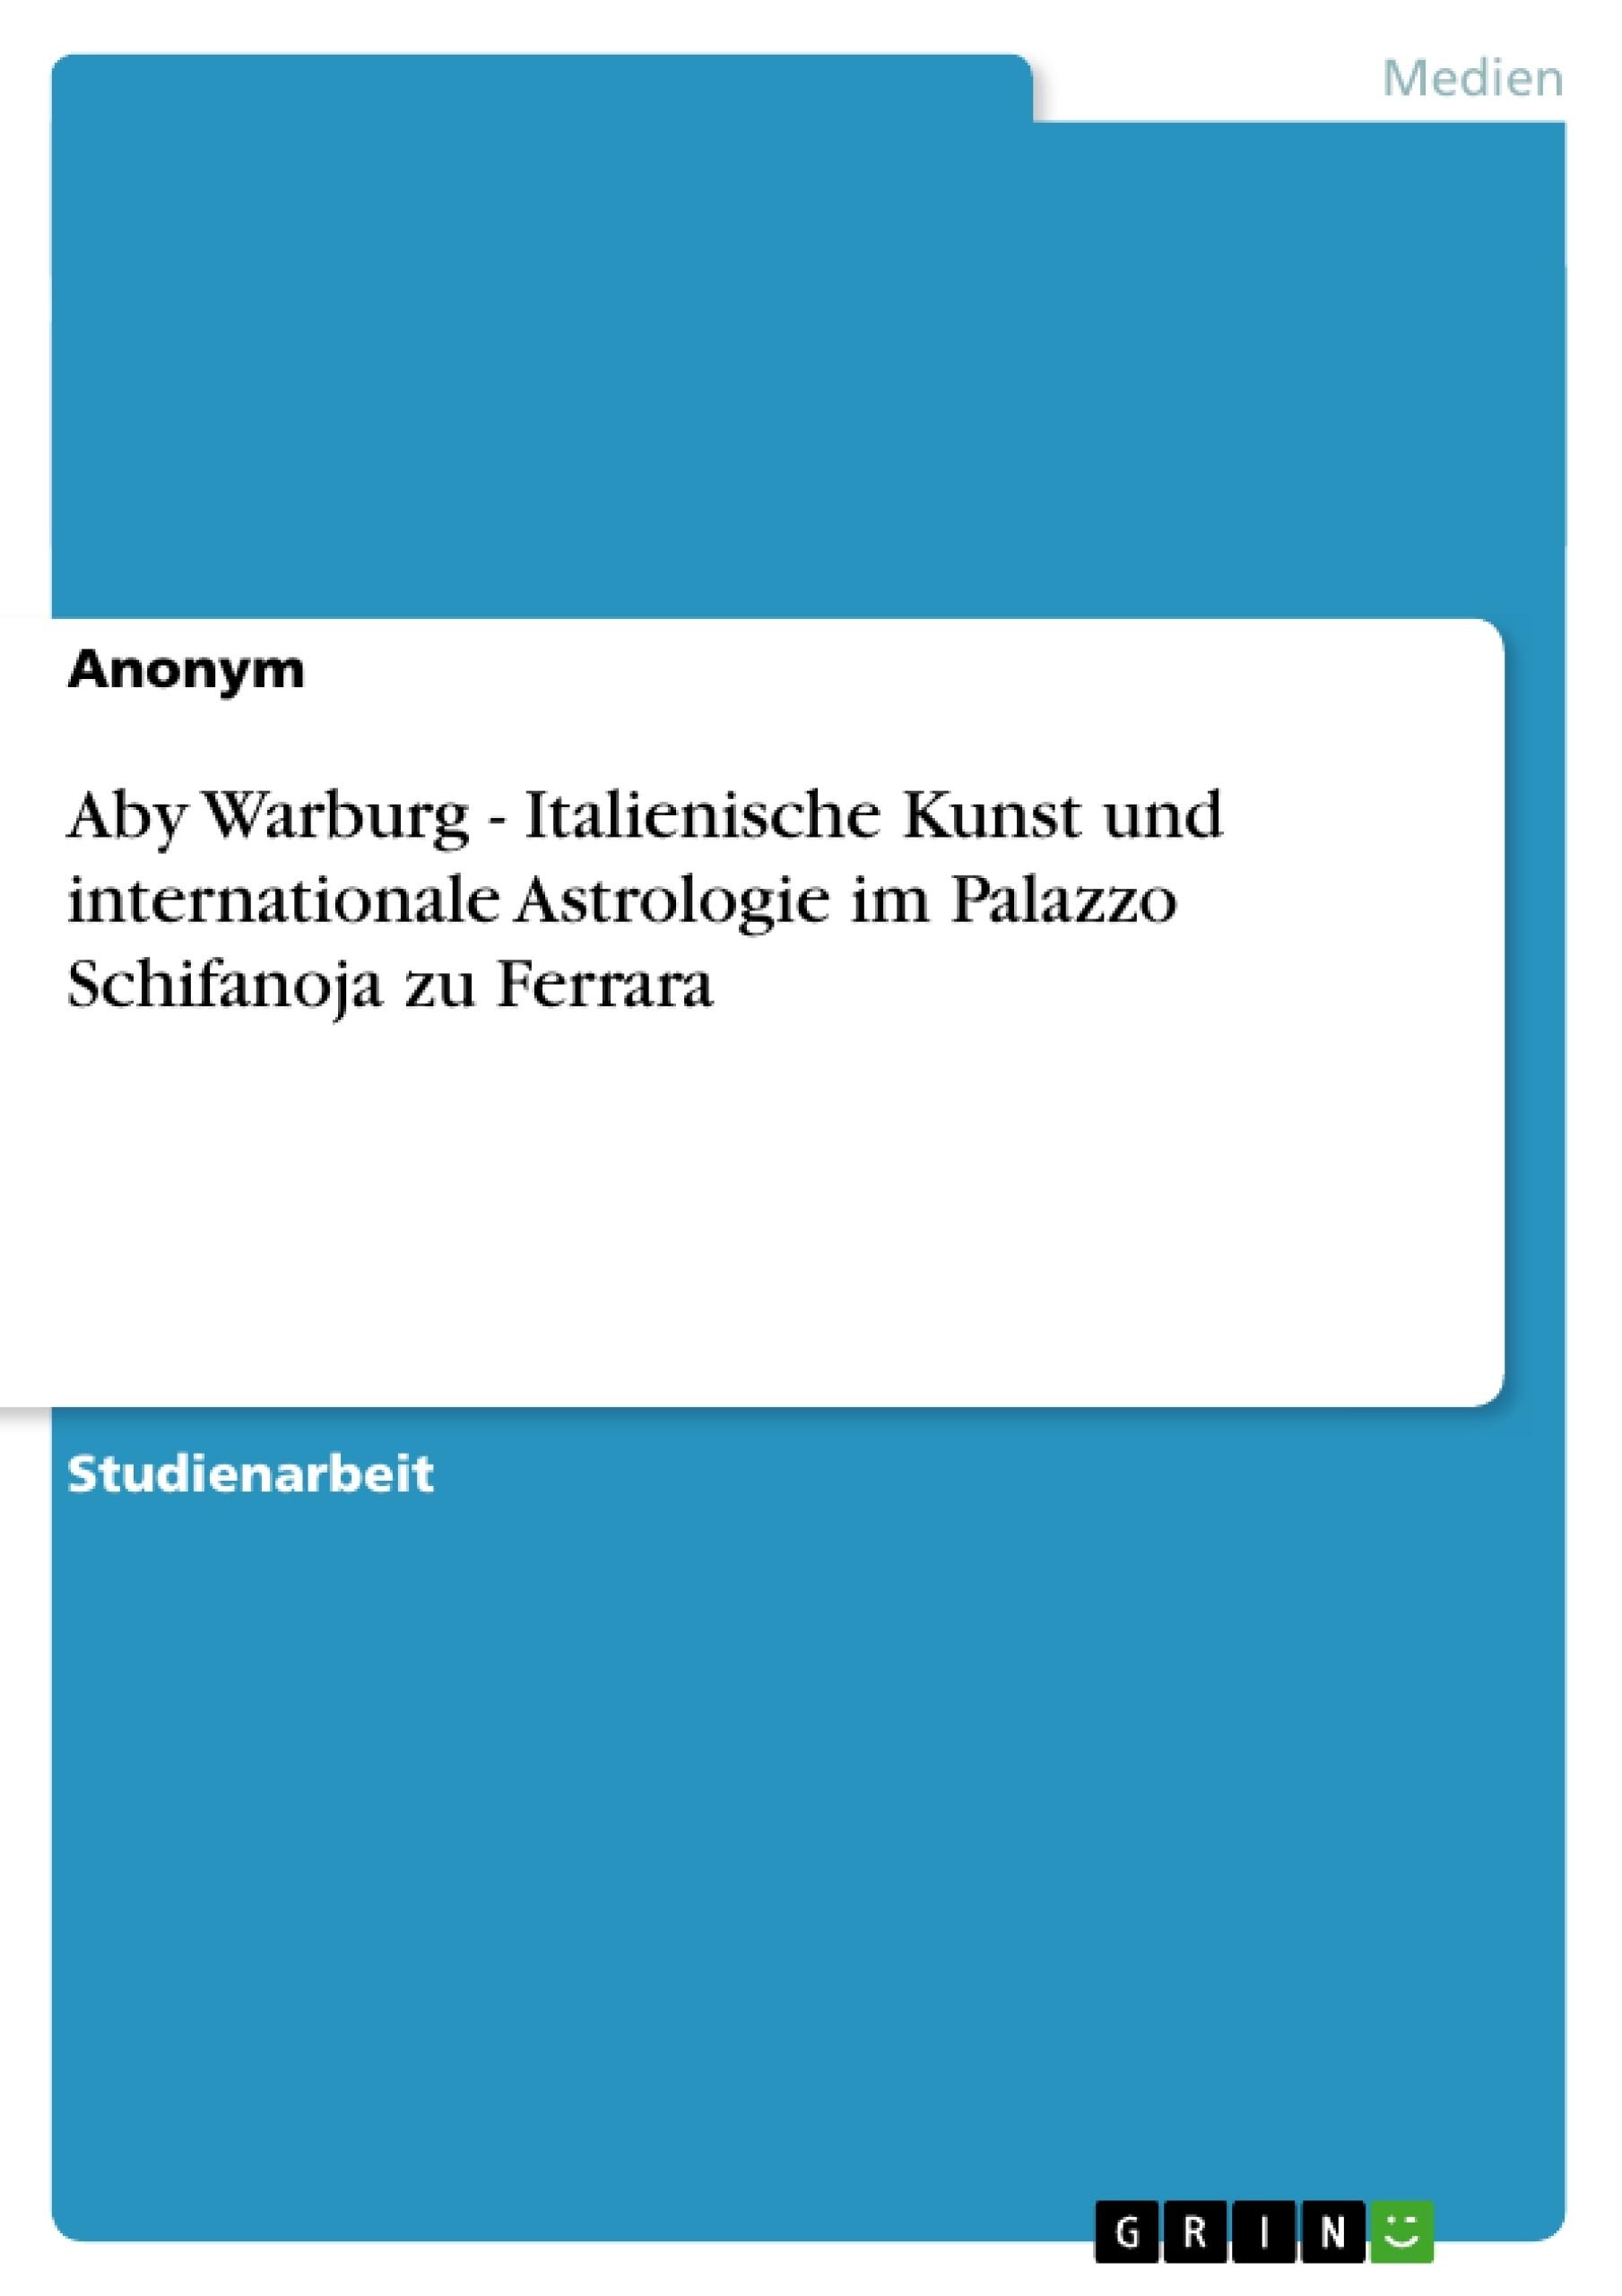 Titel: Aby Warburg - Italienische Kunst und internationale Astrologie im Palazzo Schifanoja zu Ferrara